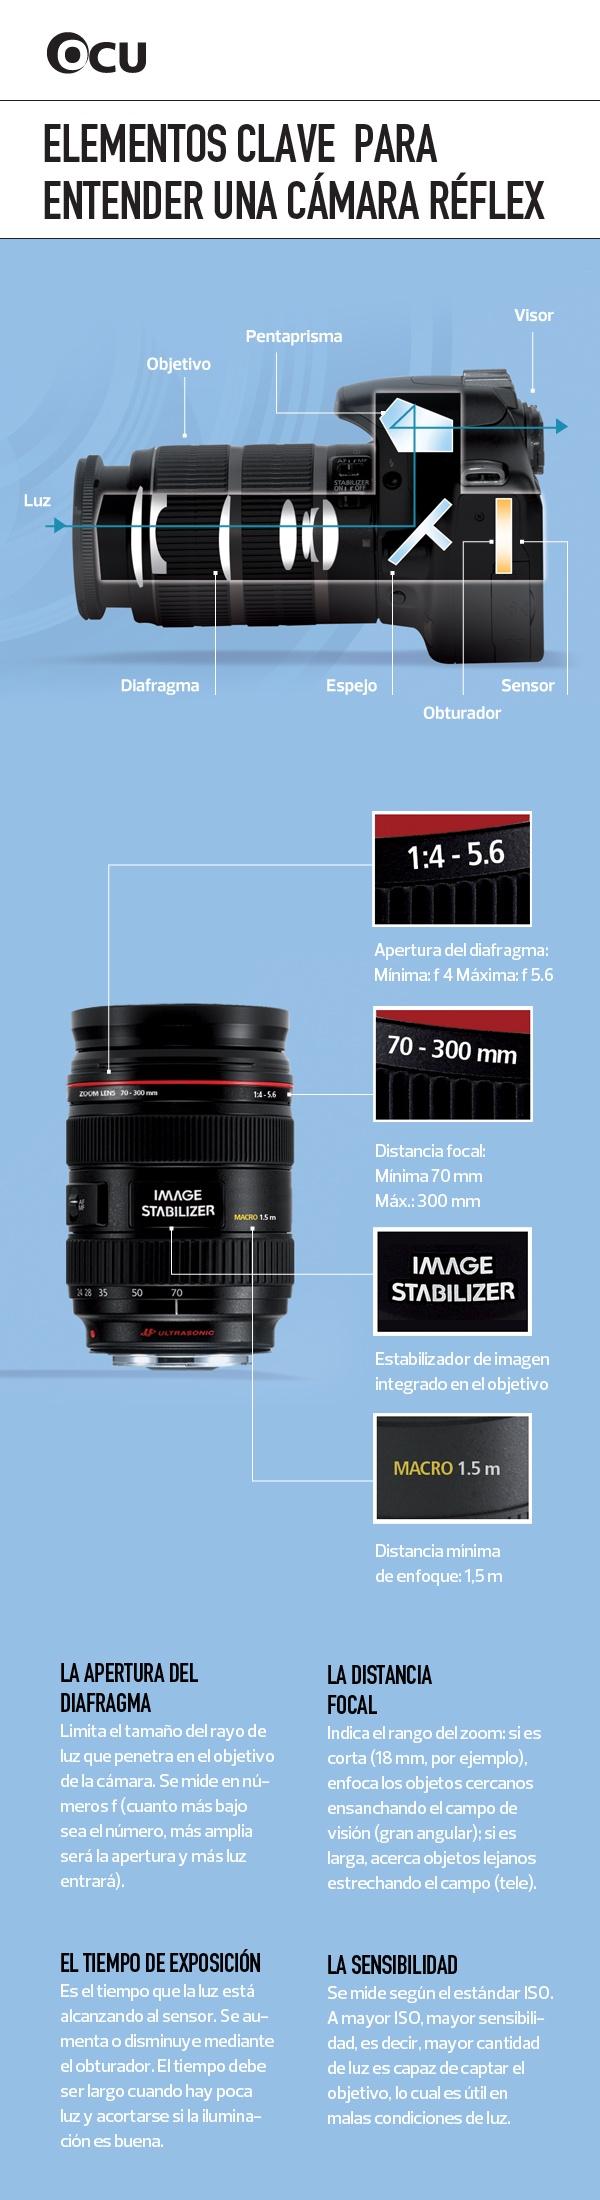 Elementos clave para entender una cámara reflex